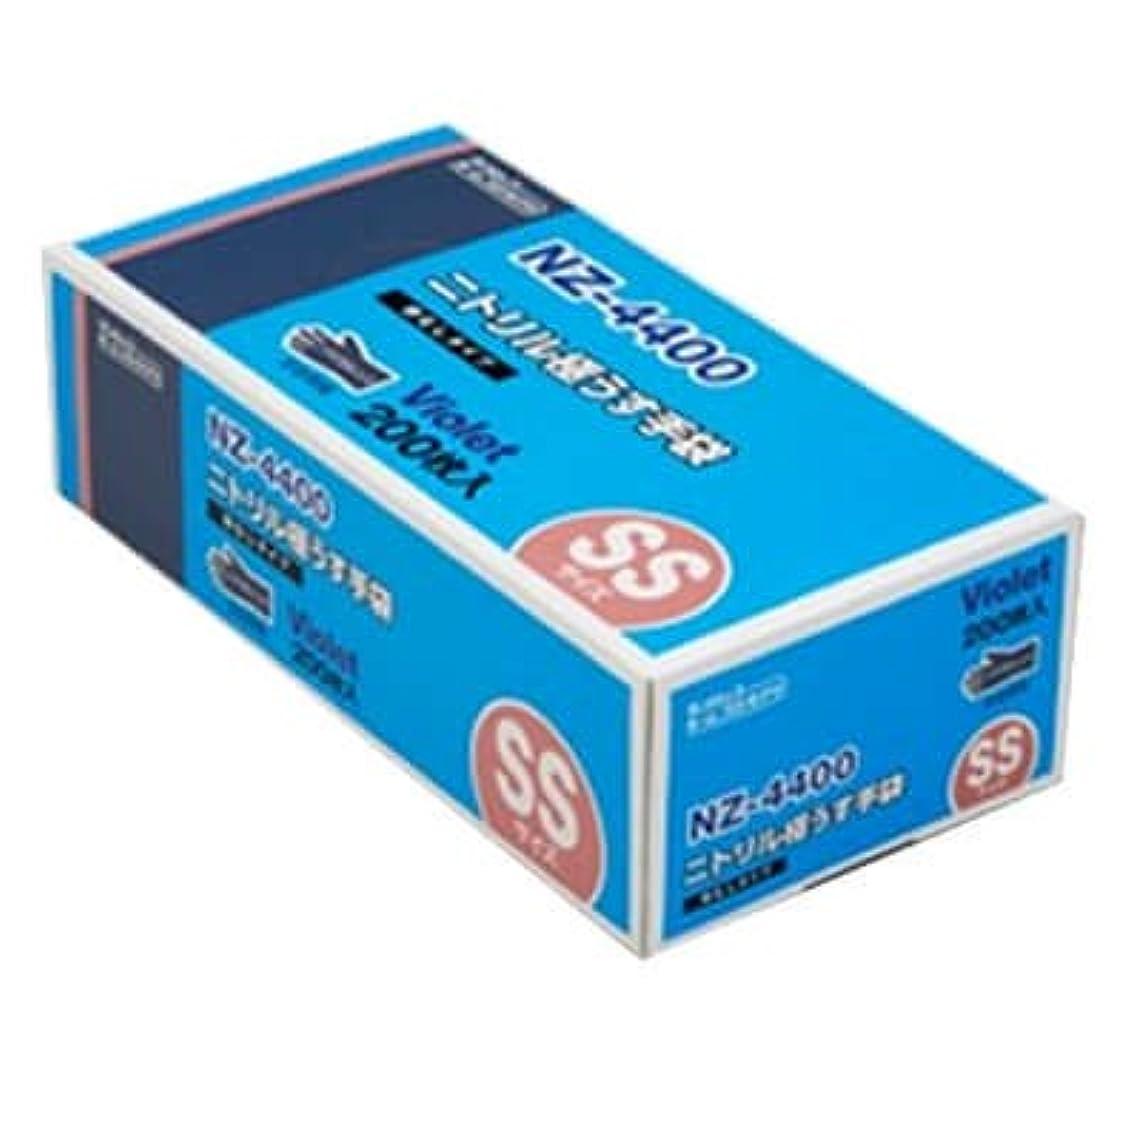 見つける無限繁栄する【ケース販売】 ダンロップ ニトリル極うす手袋 粉無 SS バイオレット NZ4400 (200枚入×15箱)